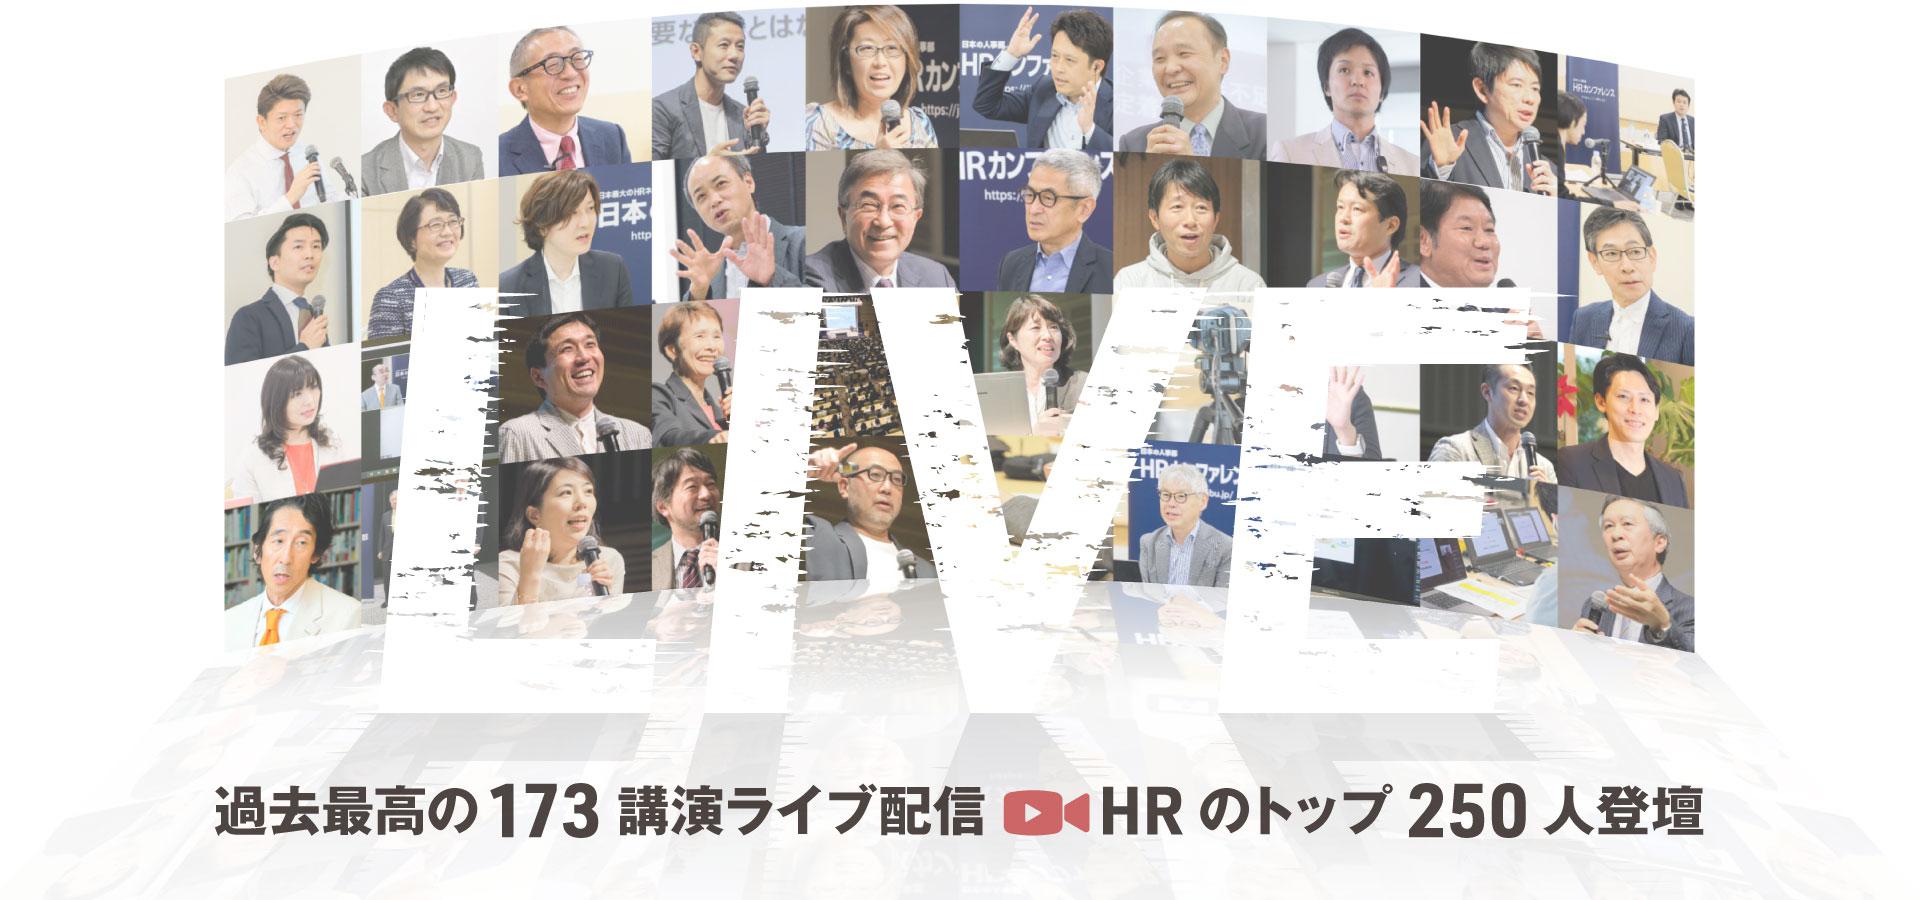 過去最高173講演ライブ配信、HRのトップ250人登壇